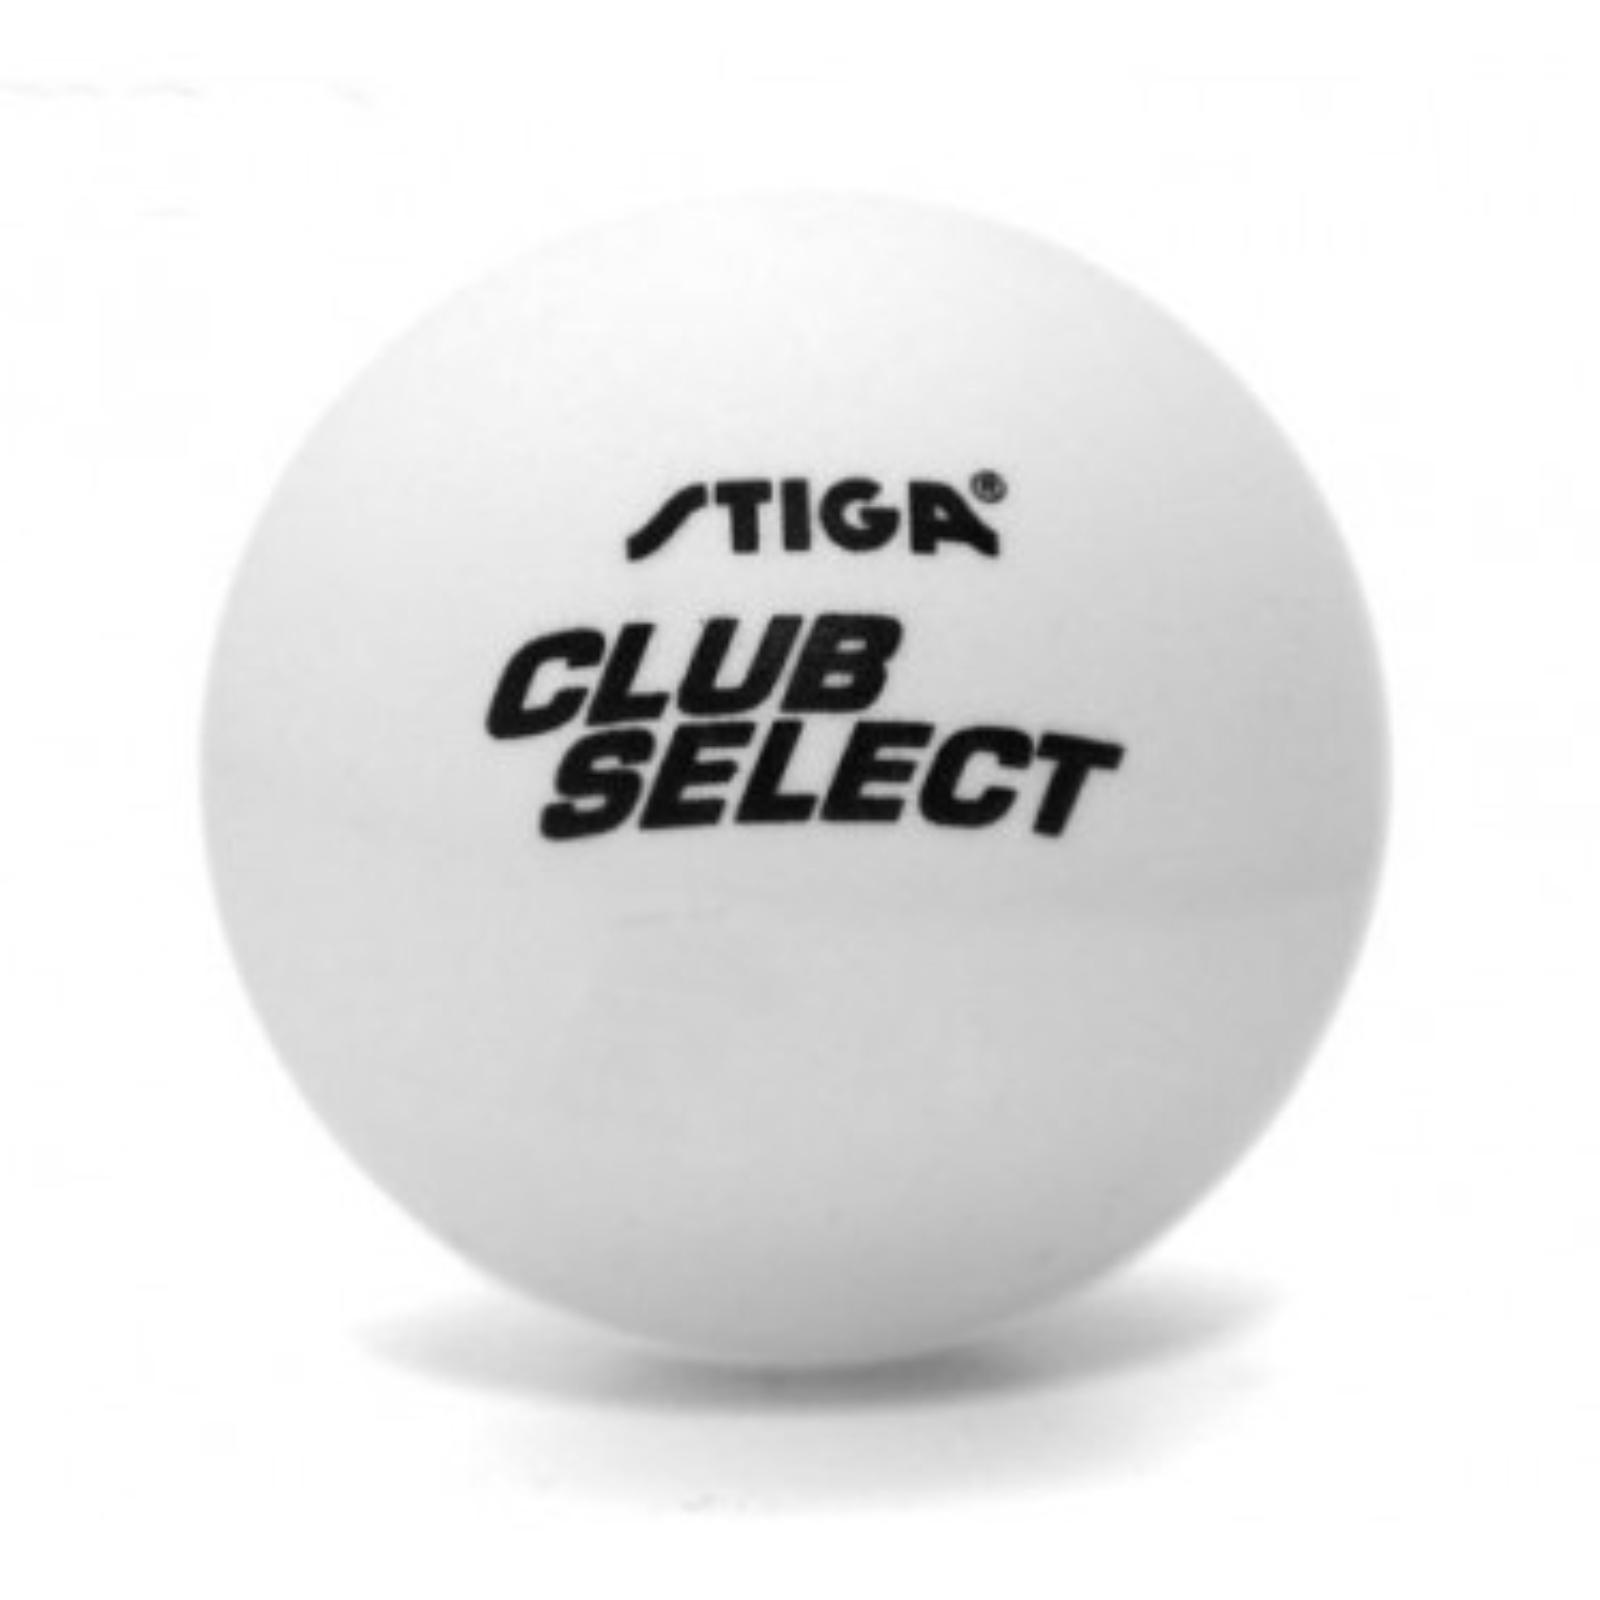 Míčky na stolní tenis STIGA Club Select - bílé